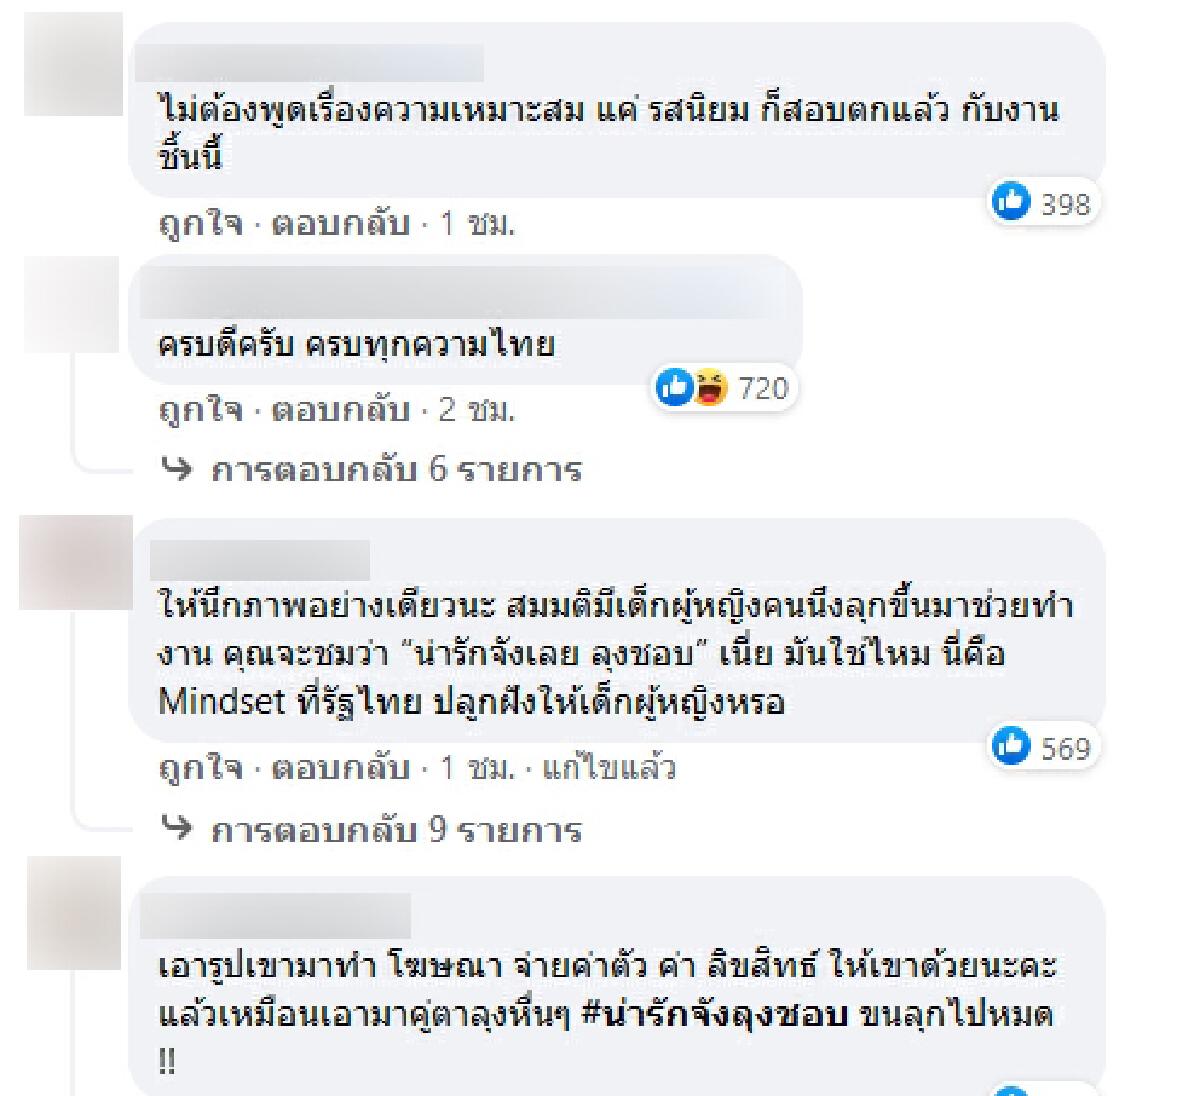 ความเห็นบางส่วนจากชาวเน็ตกับภาพจากเพจไทยรู้สู้โควิด